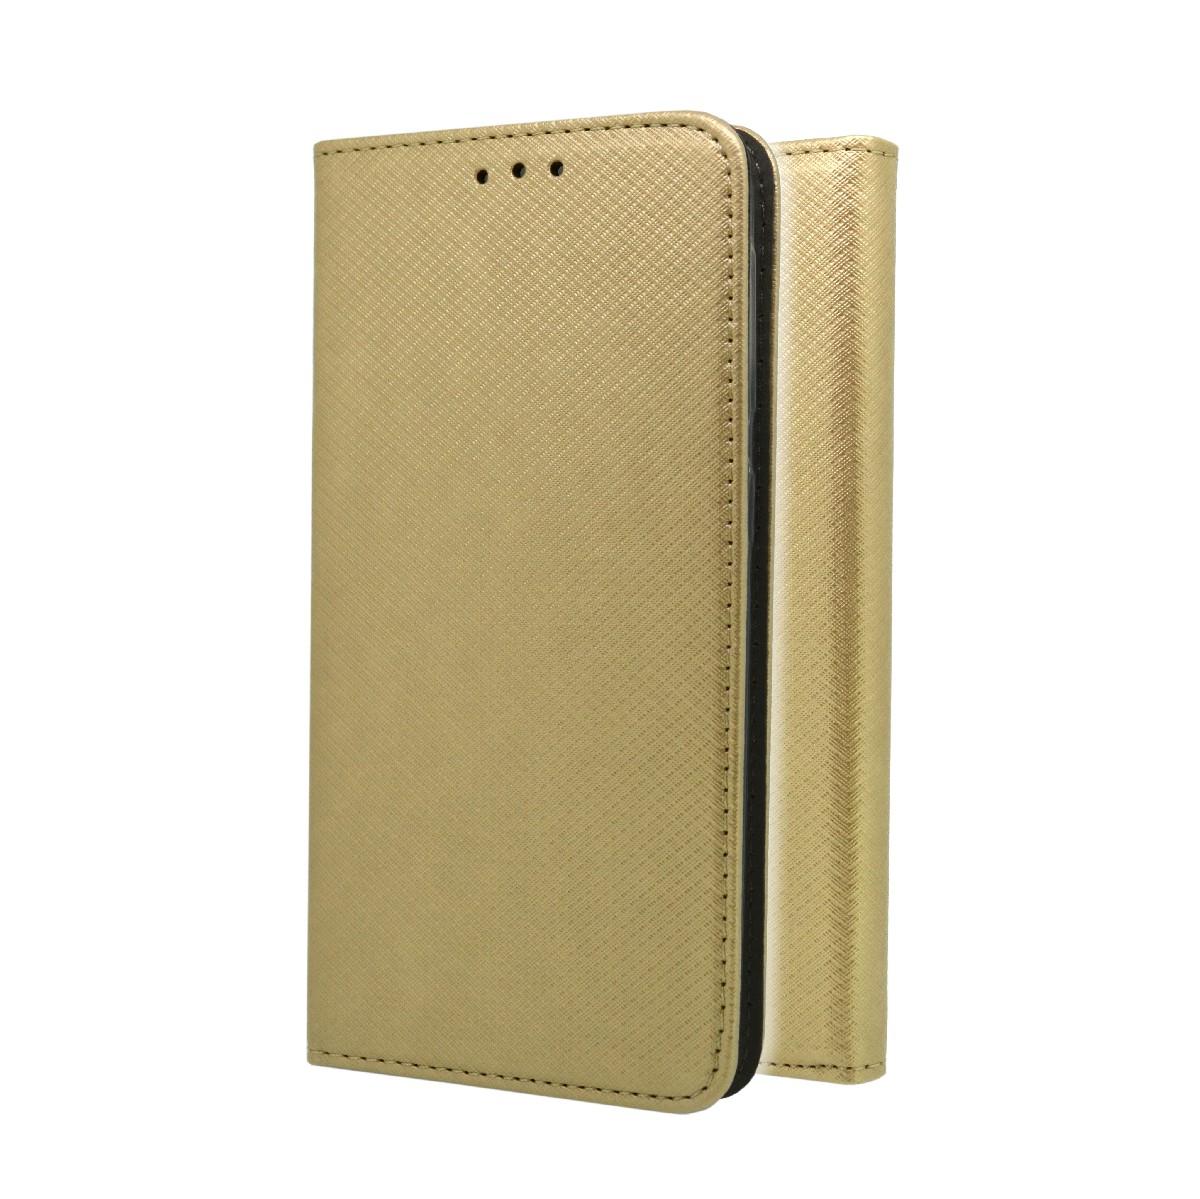 Θήκη Book Magnetic Glam για Xiaomi Redmi Note 9s / Redmi Note 9 Pro / Note 9 Pro Max Χρυσαφί